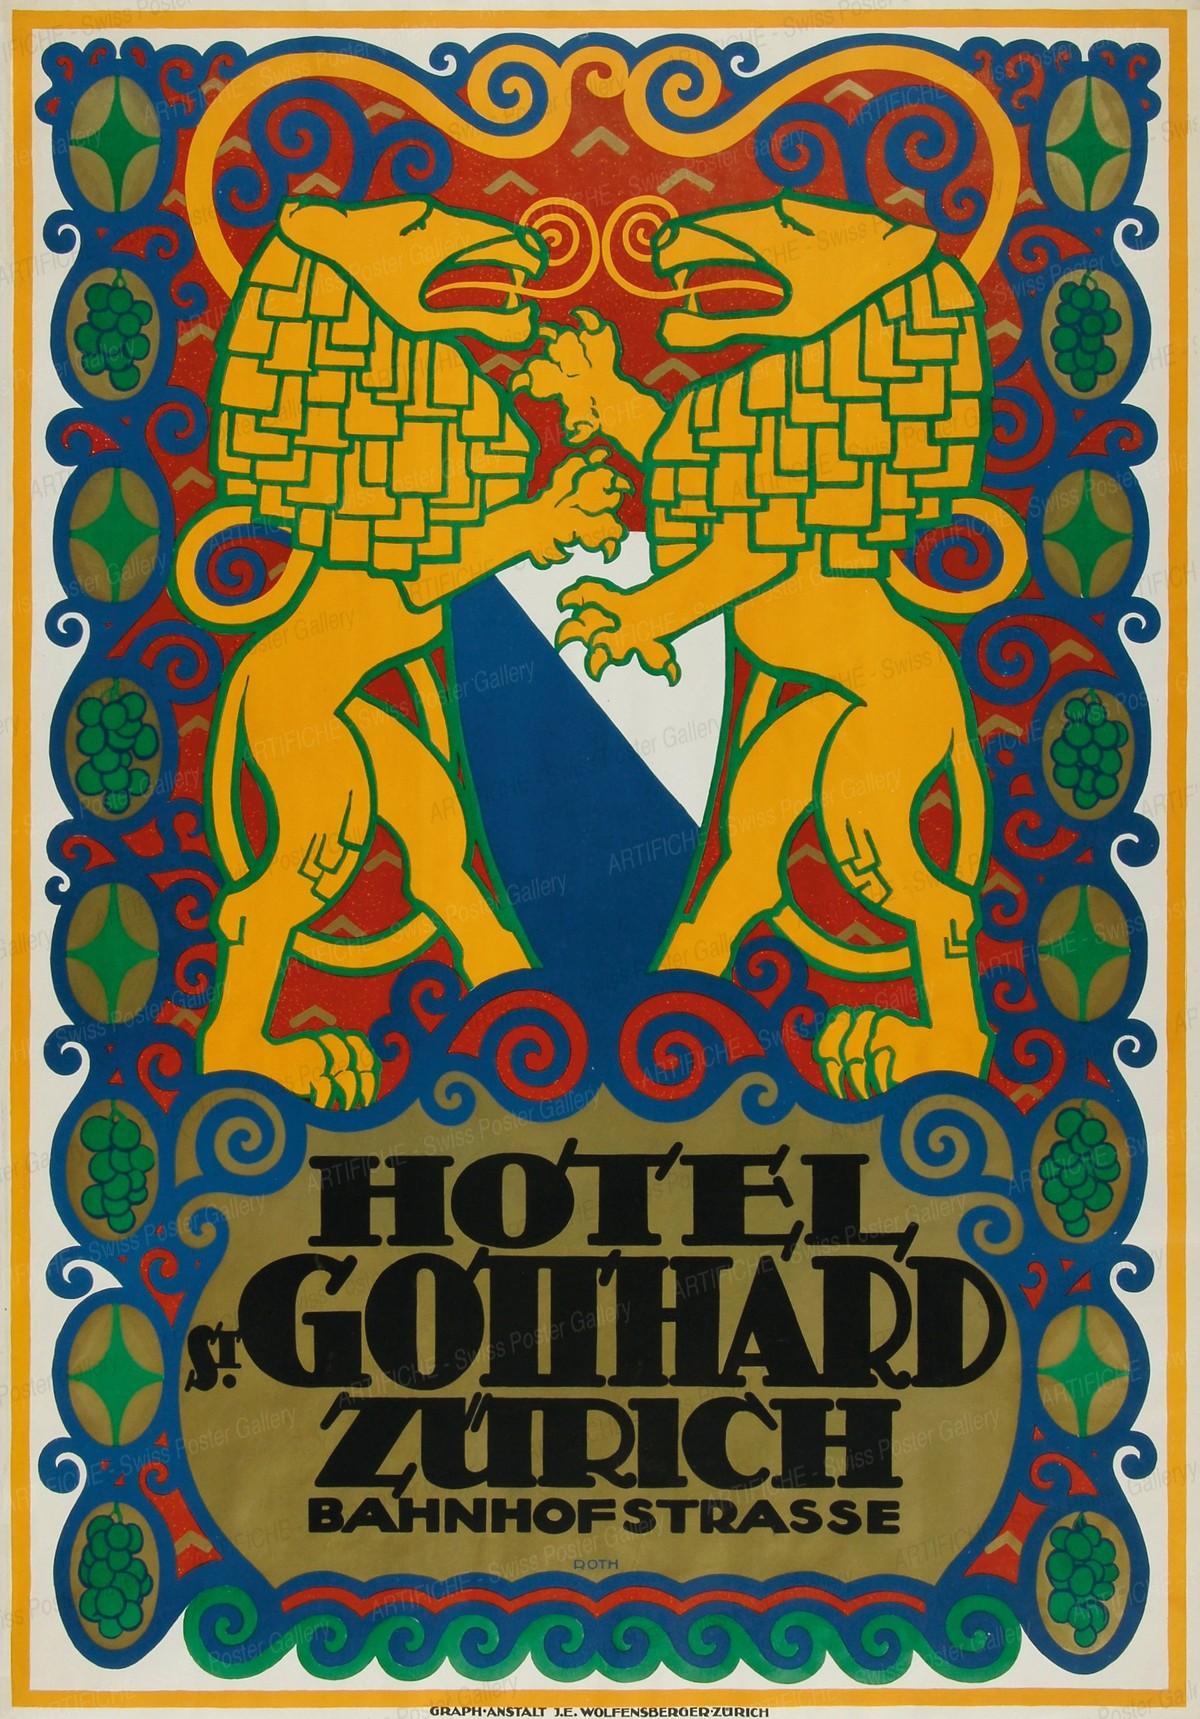 HOTEL ST. GOTTHARD ZURICH, Erwin Roth